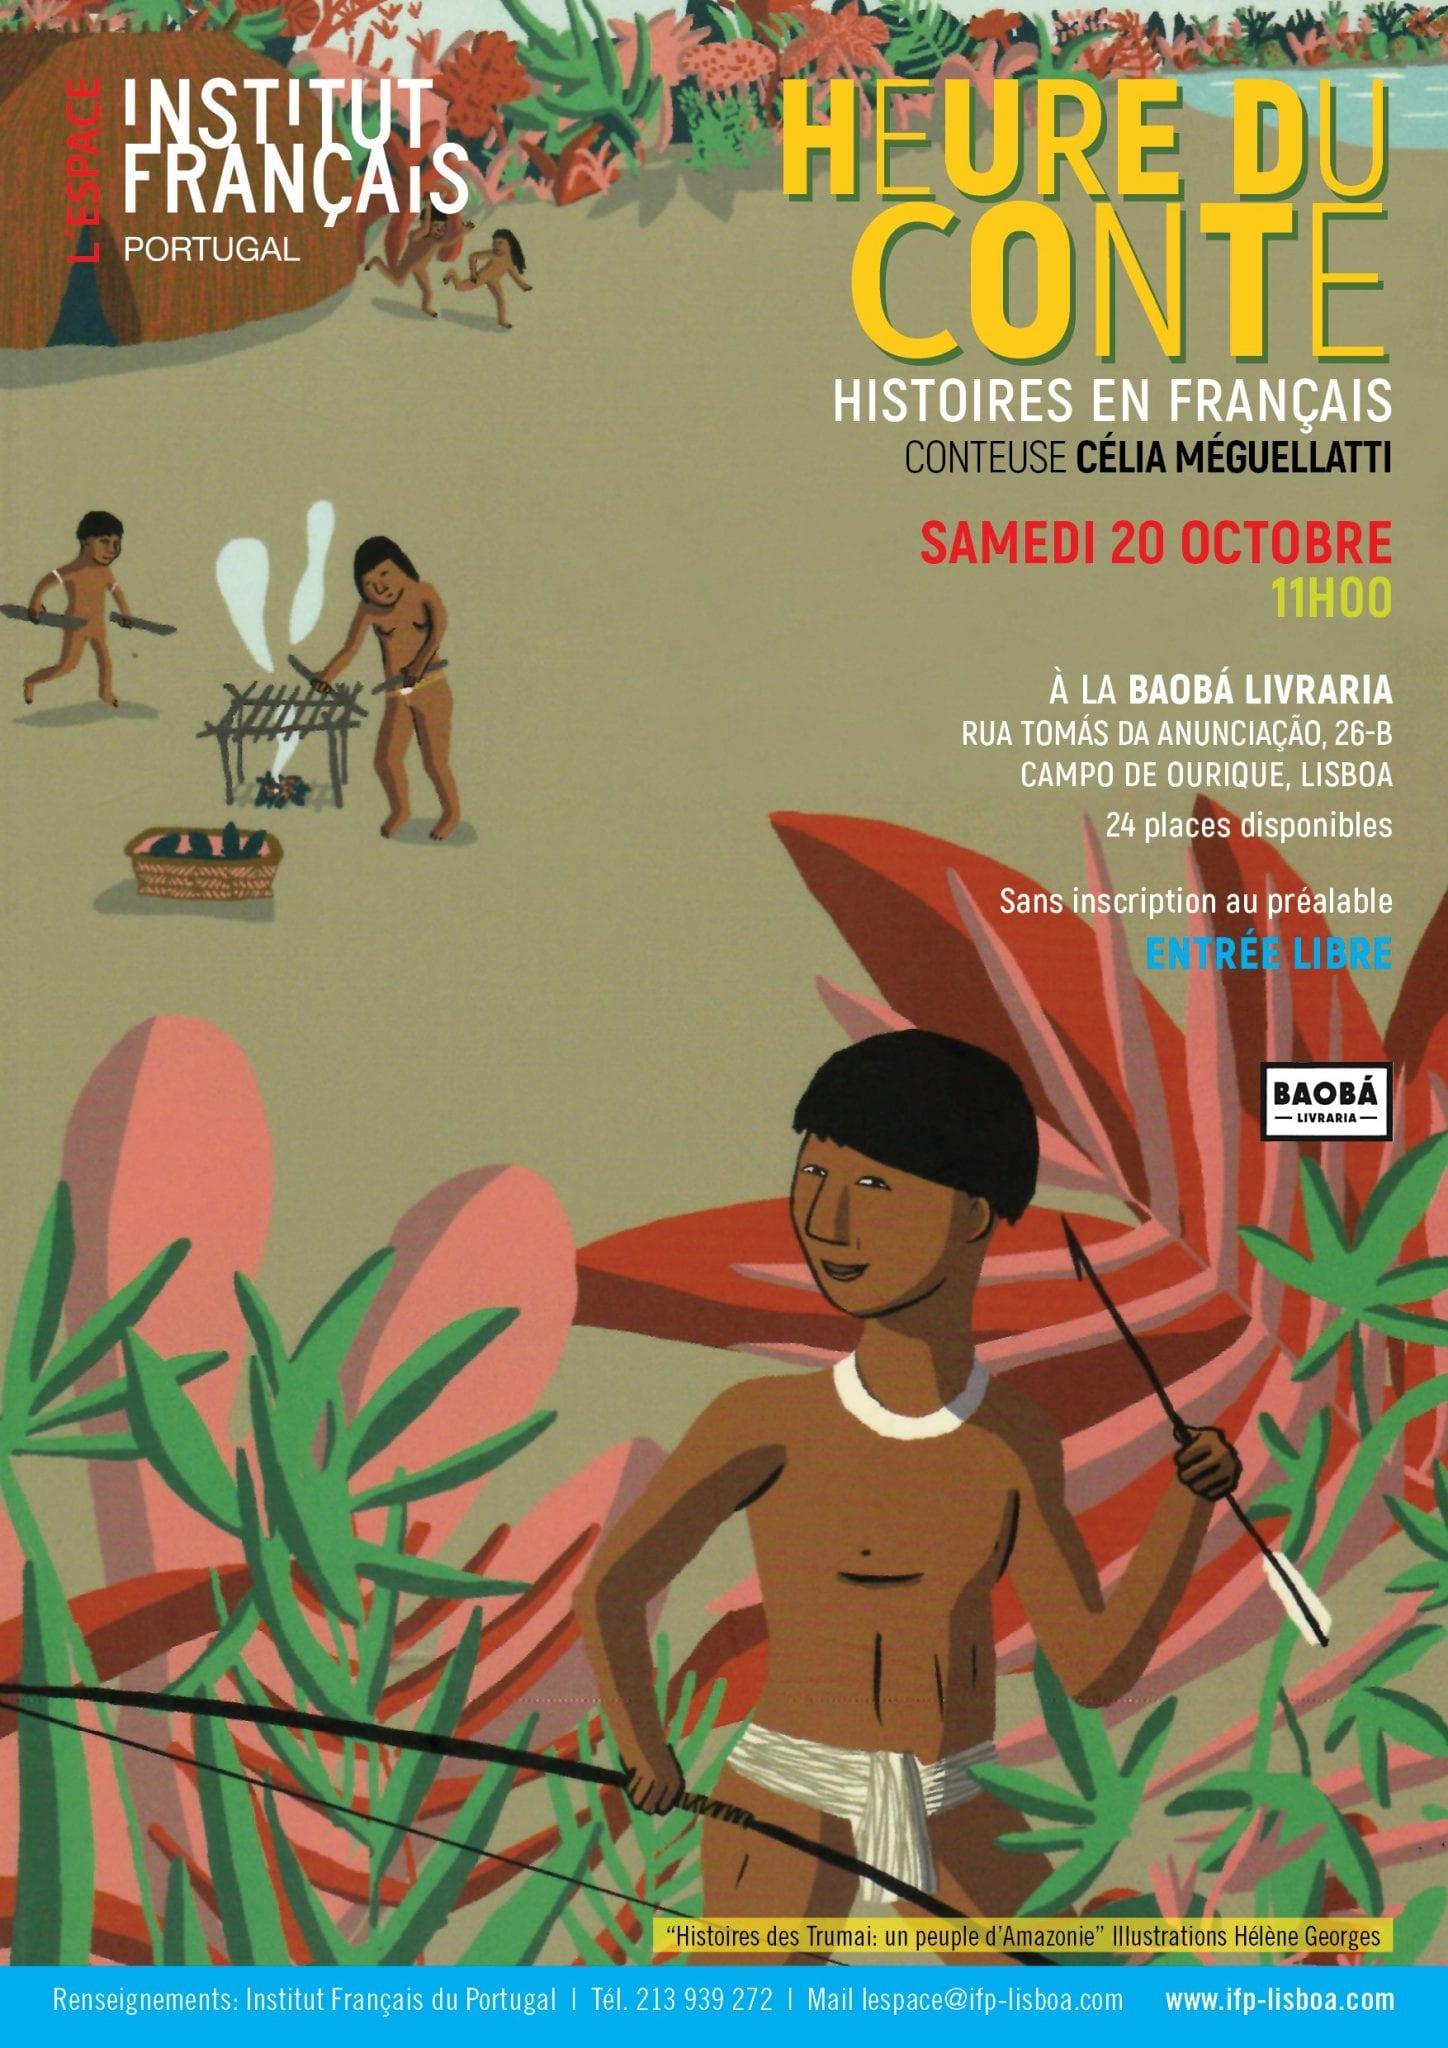 20 Outubro_Histoires des Trumai Un Peuple d'Amazonie